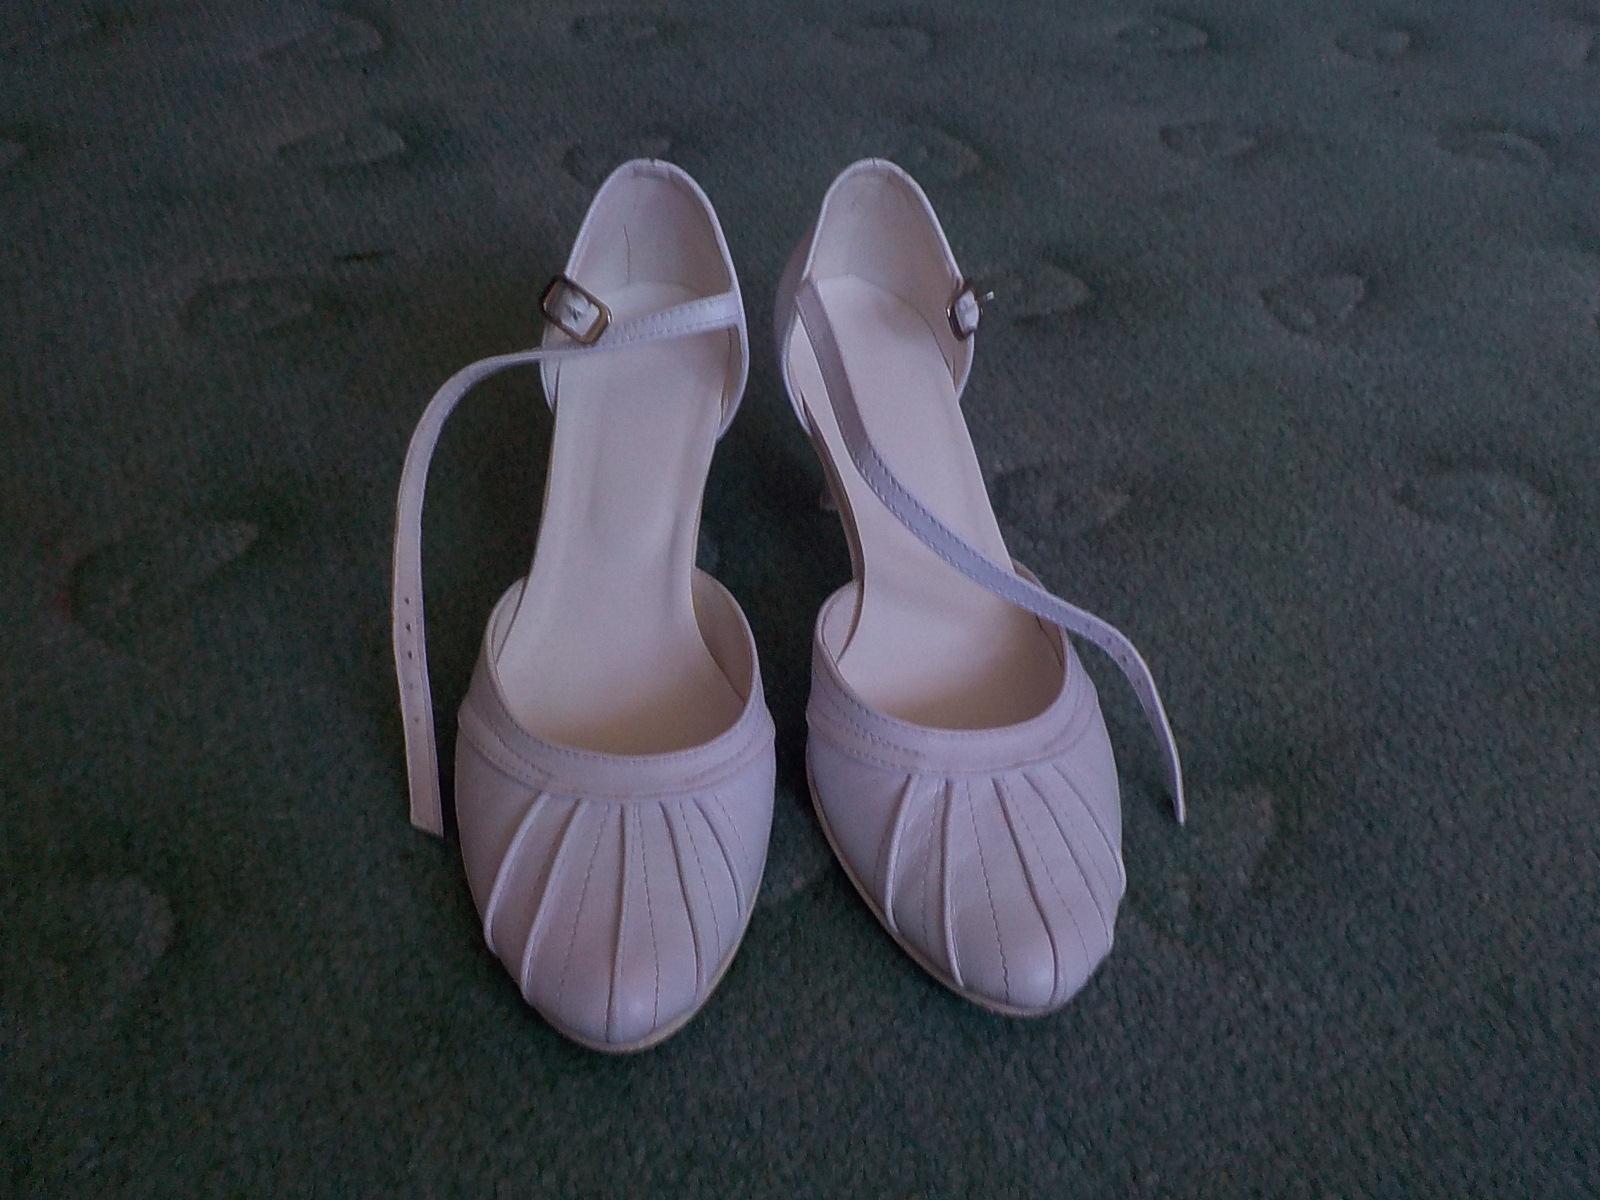 snehovobiele topánky - Obrázok č. 1